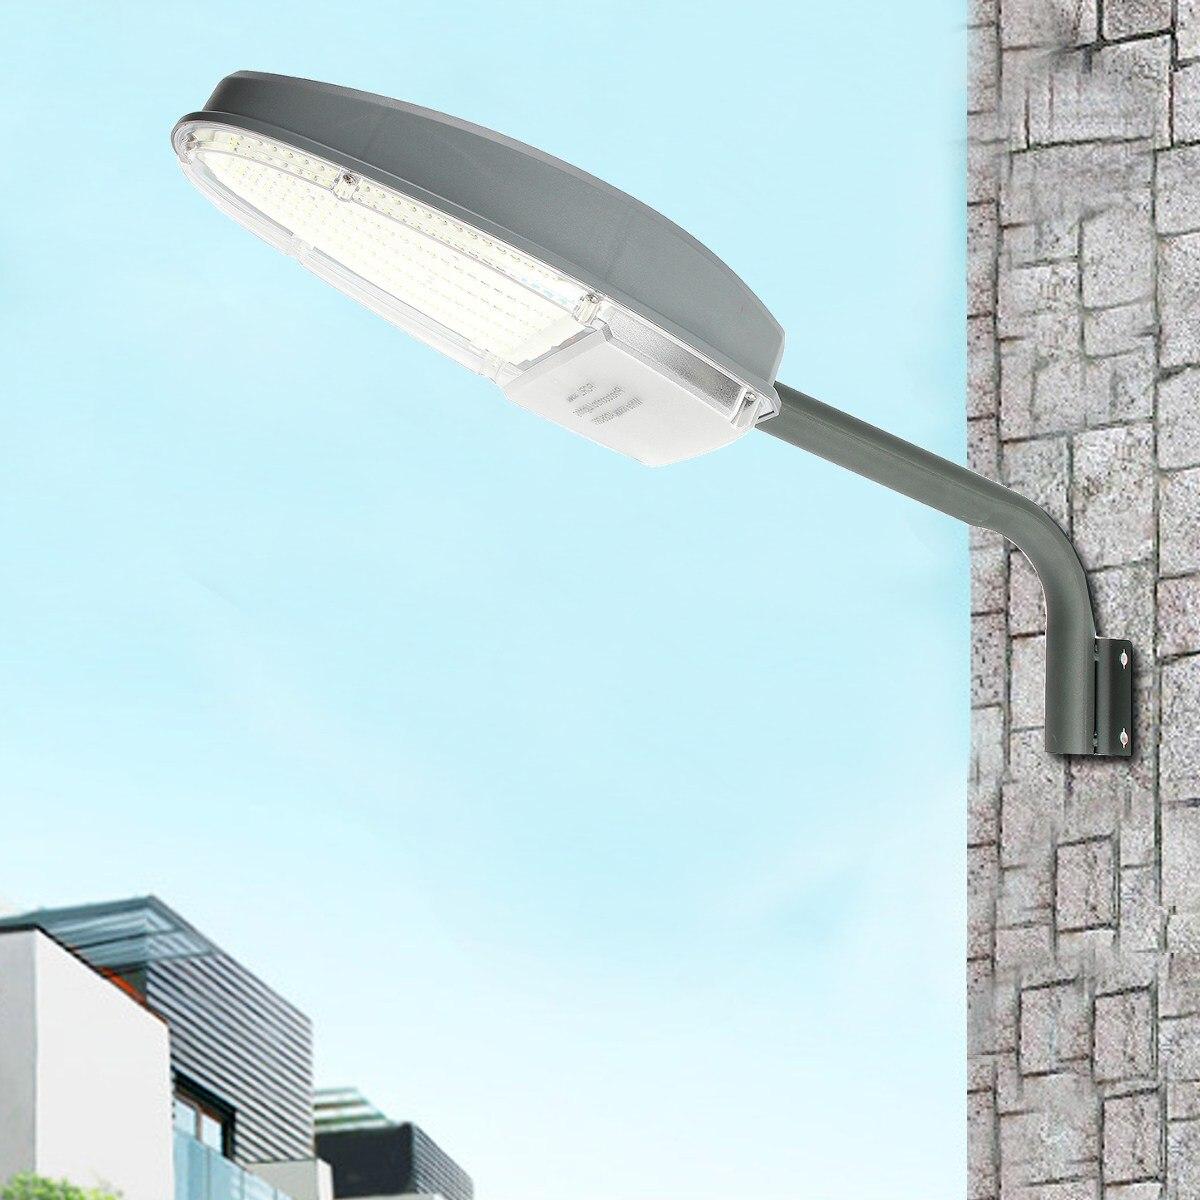 30 Вт свет Сенсор 2400LM 144 уличный свет сад дороги света Открытый Водонепроницаемый стены безопасности лампа AC85-265V с крепления arm